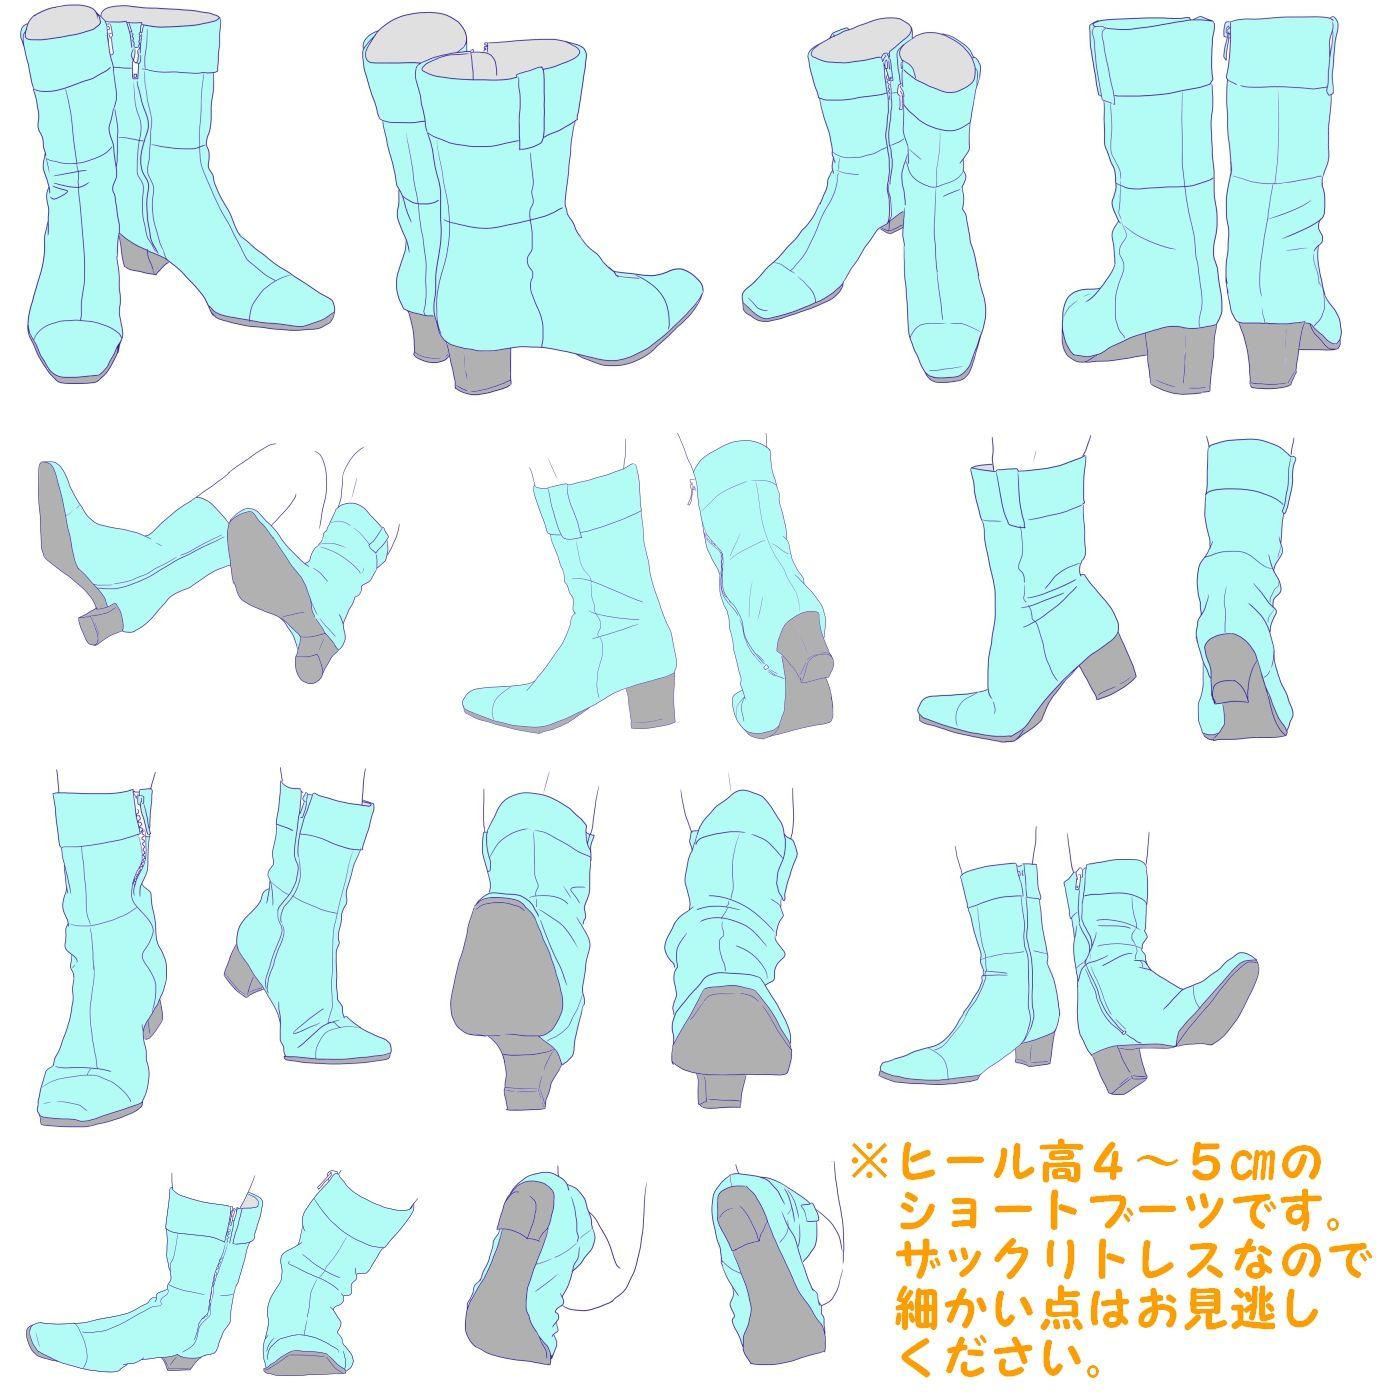 ポーズ/足】ブーツ」/「みずのえ」のイラスト [pixiv] もっと